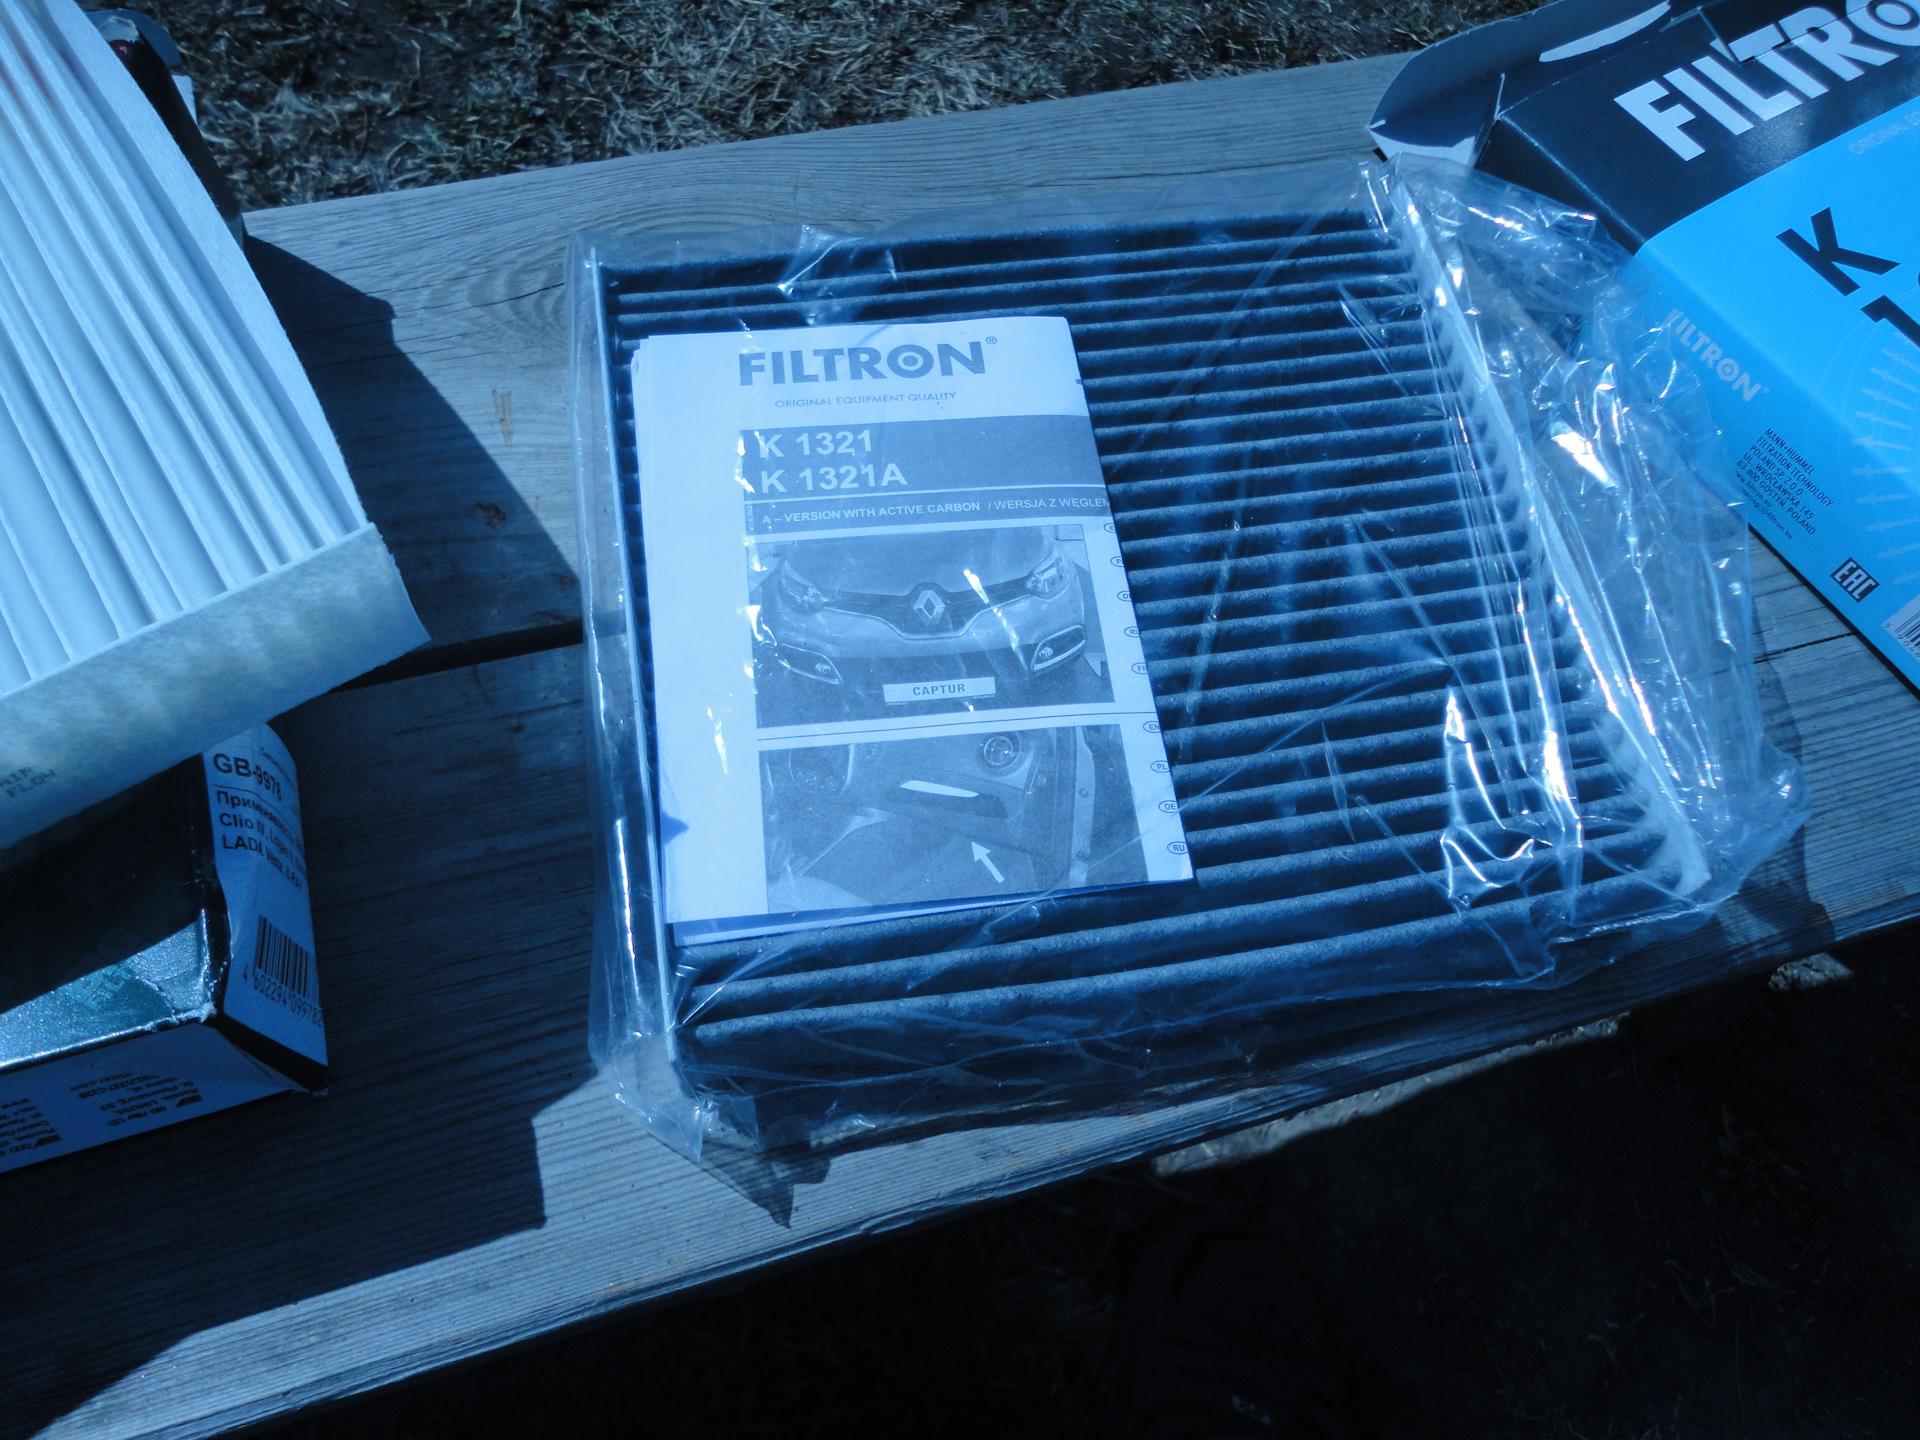 Filtron K 1321